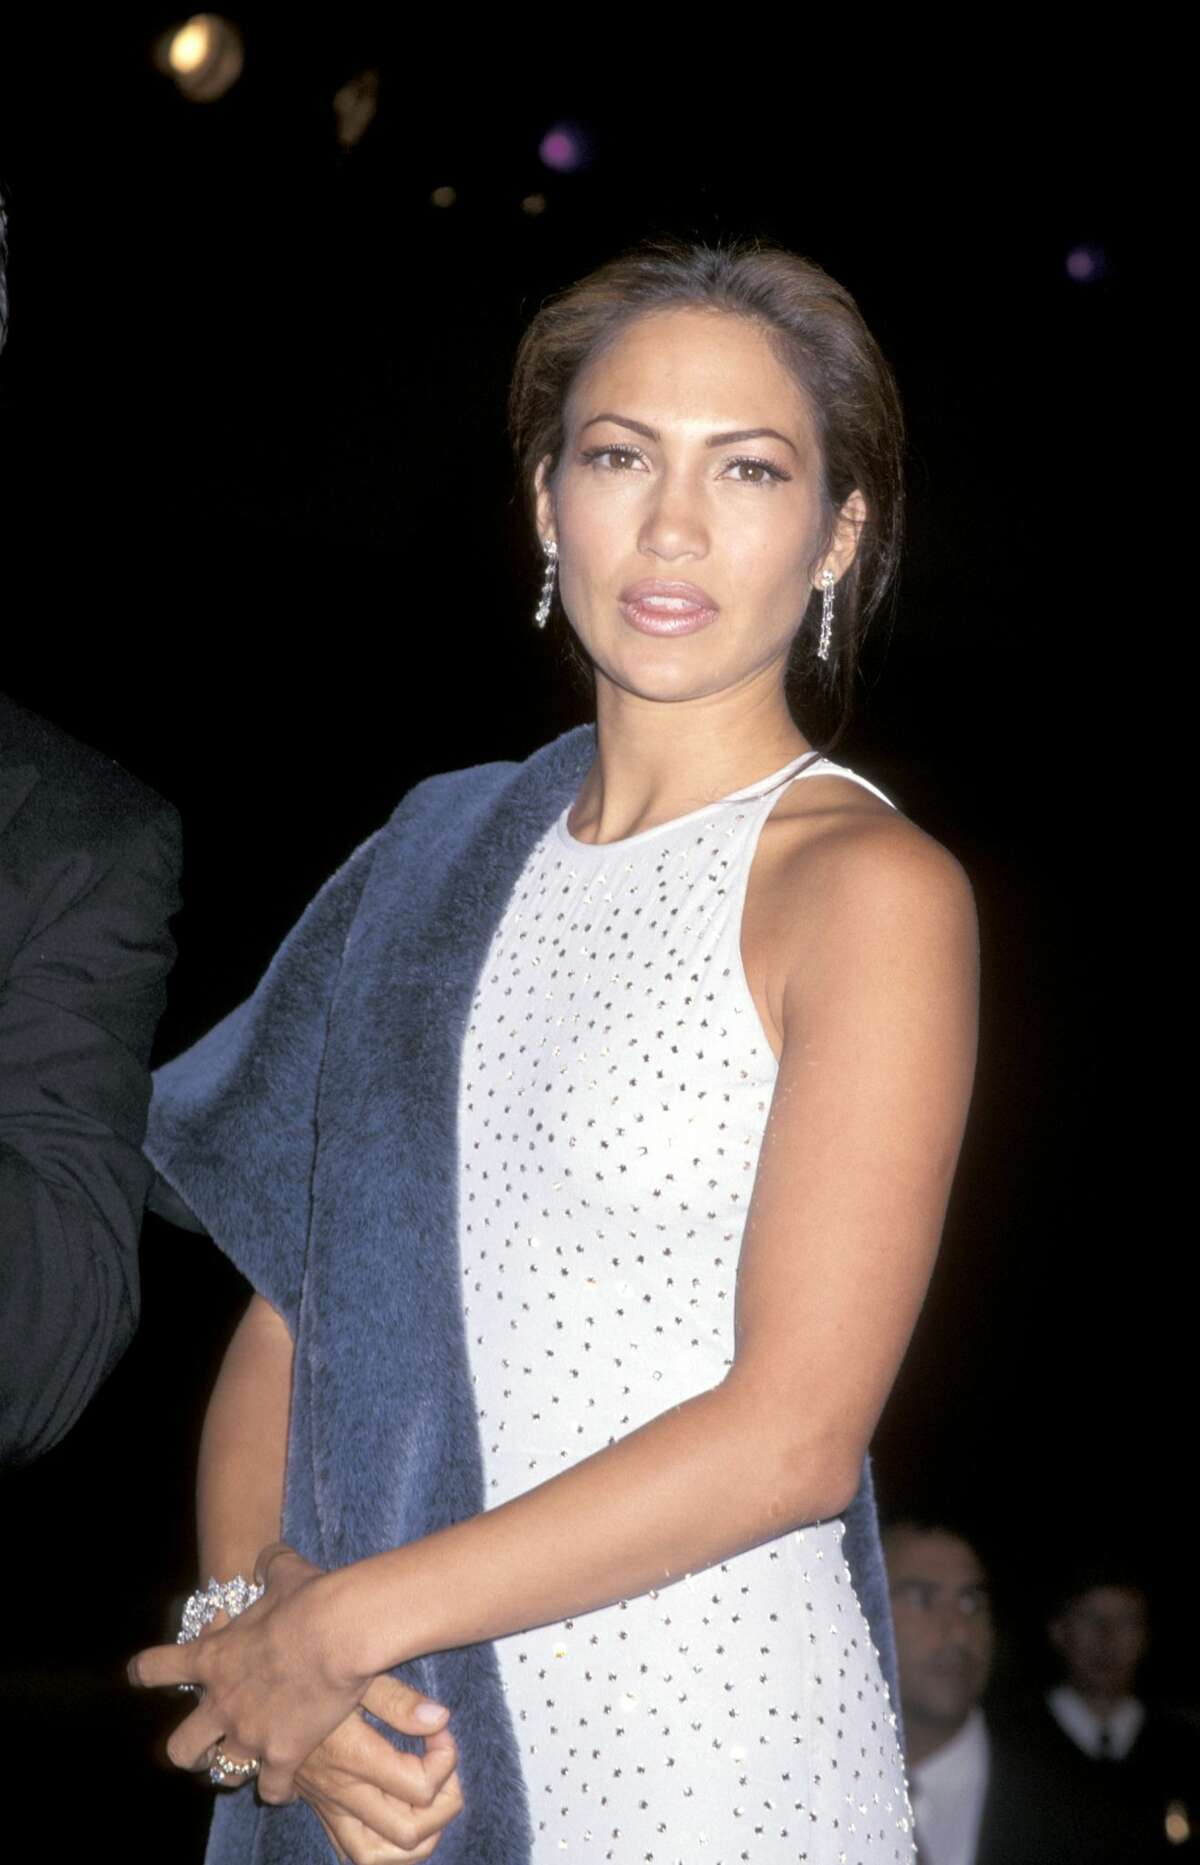 Jennifer Lopez attends the 1997 premiere of Selena.